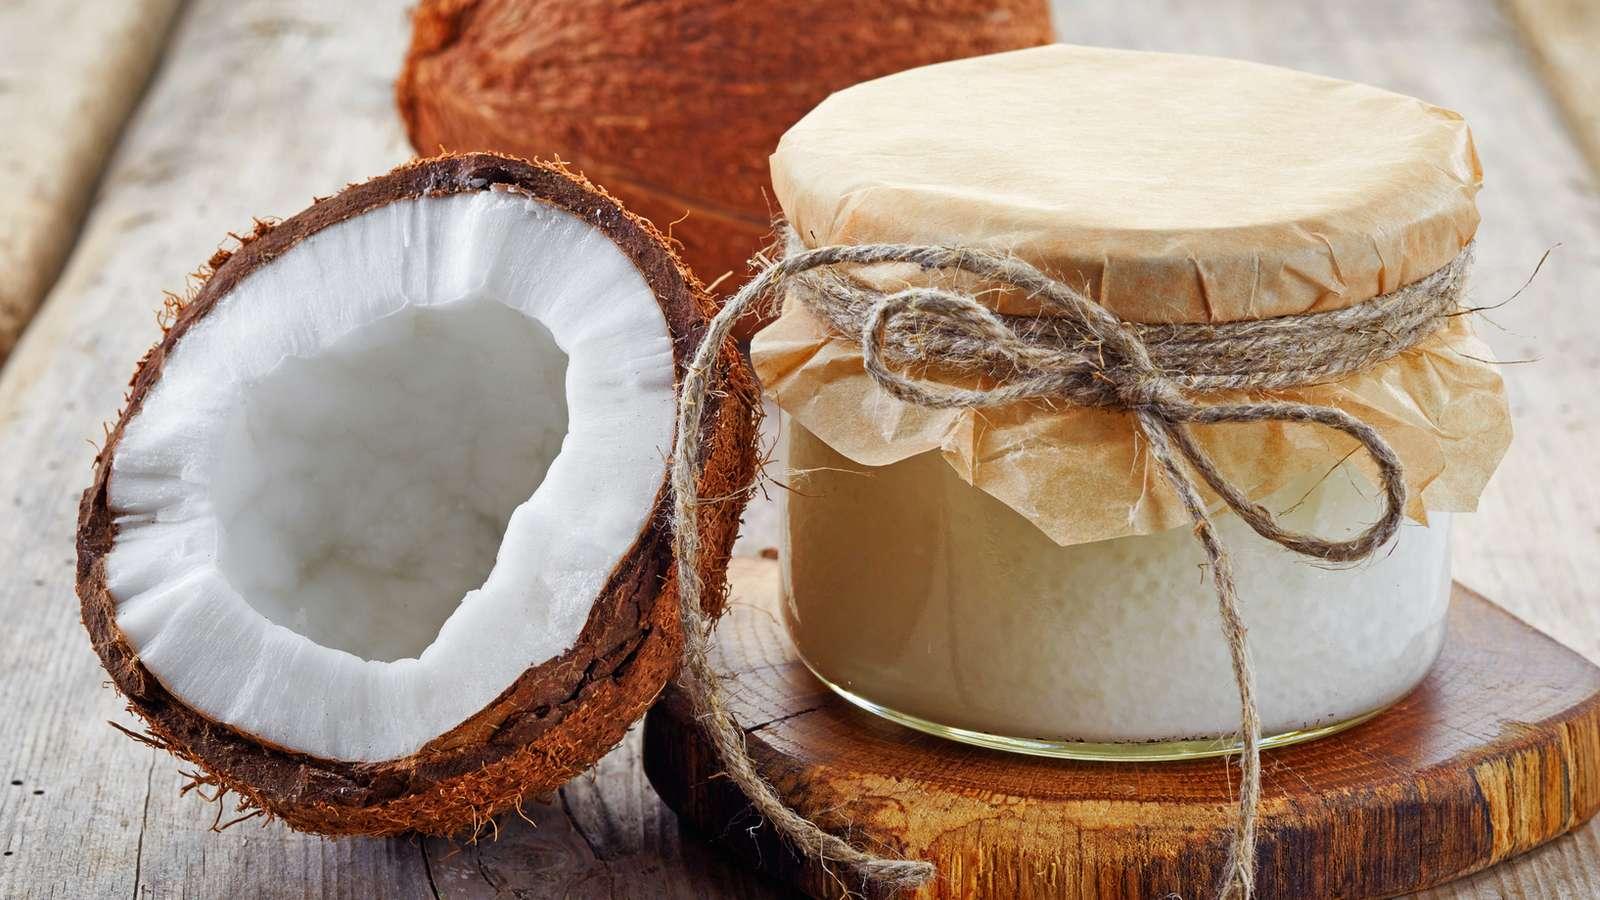 so gesund ist kokos l beim kochen backen und als kosmetikprodukt evidero. Black Bedroom Furniture Sets. Home Design Ideas